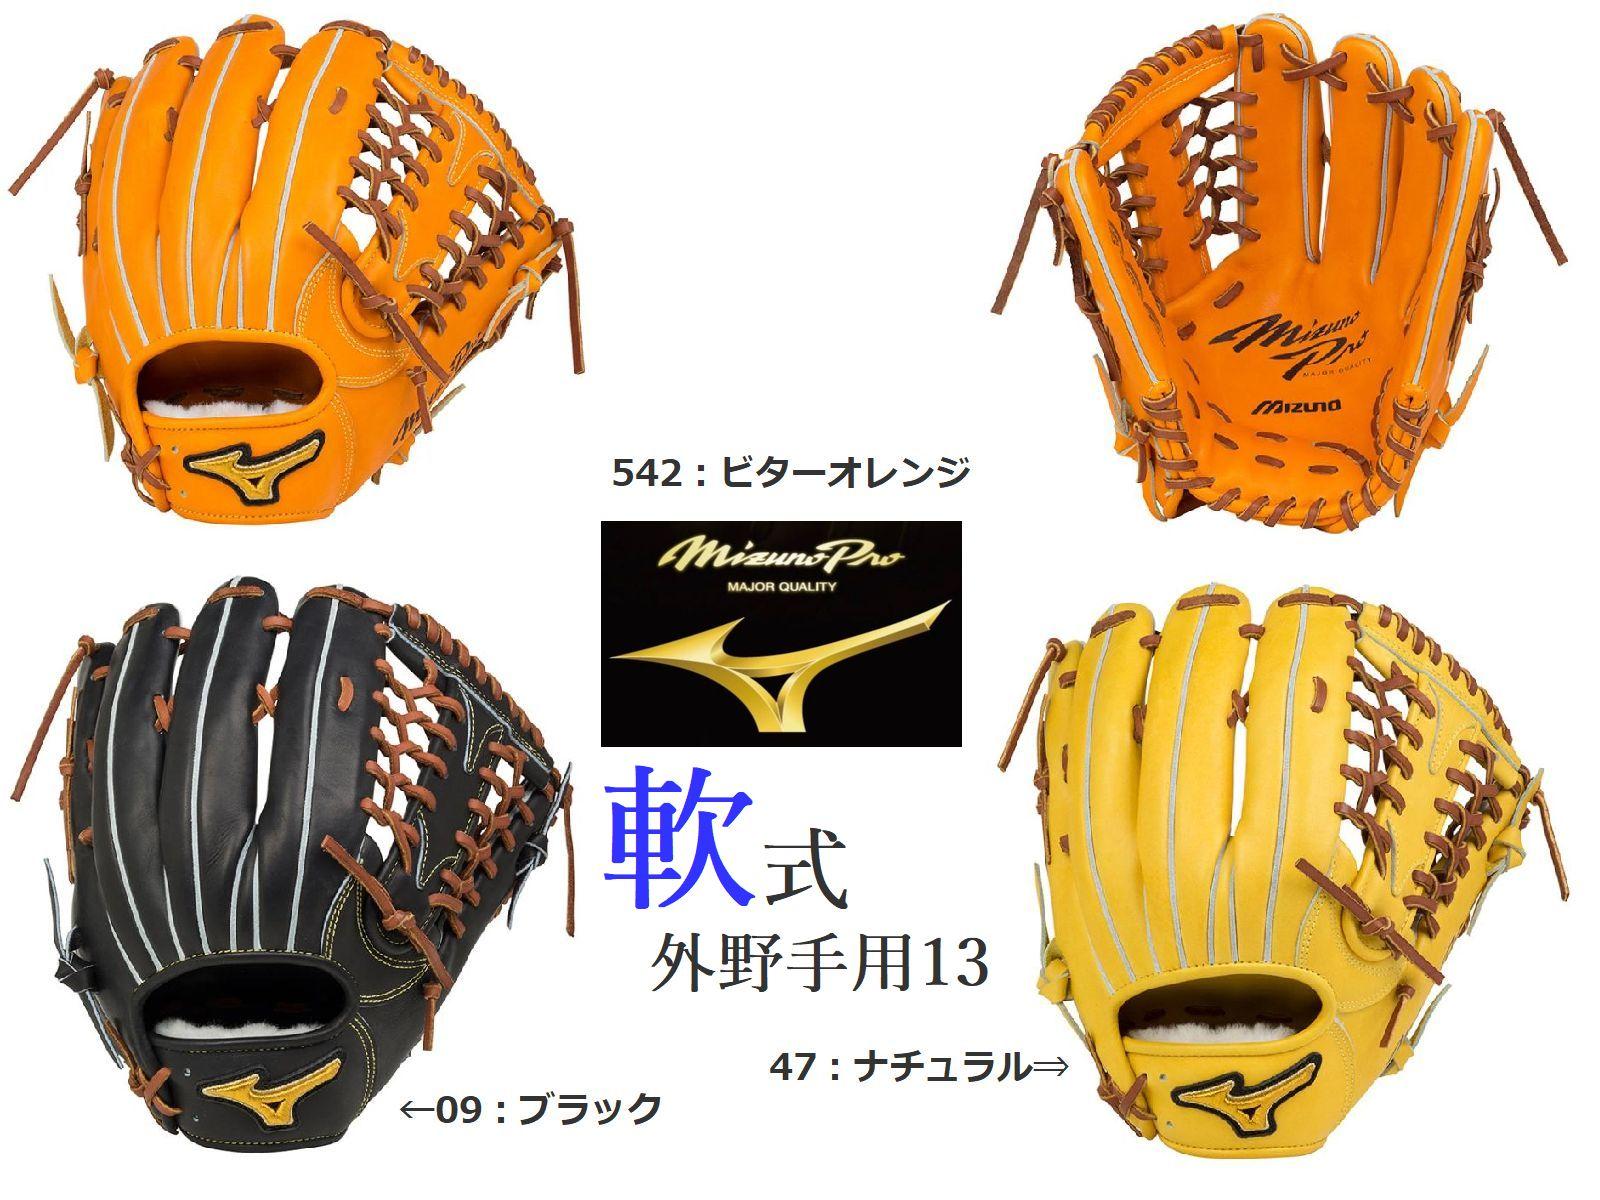 お取り寄せ品【Mizuno PRO=ミズノプロ】野球 一般 軟式用 グラブ グローブ<フィンガーコアテクノロジー【外野手用13(タイト設計タイプ】><サイズ:13/カラーは3色(右投用/左投用)>中学軟式野球 草野球 BASEBALL ベースボール